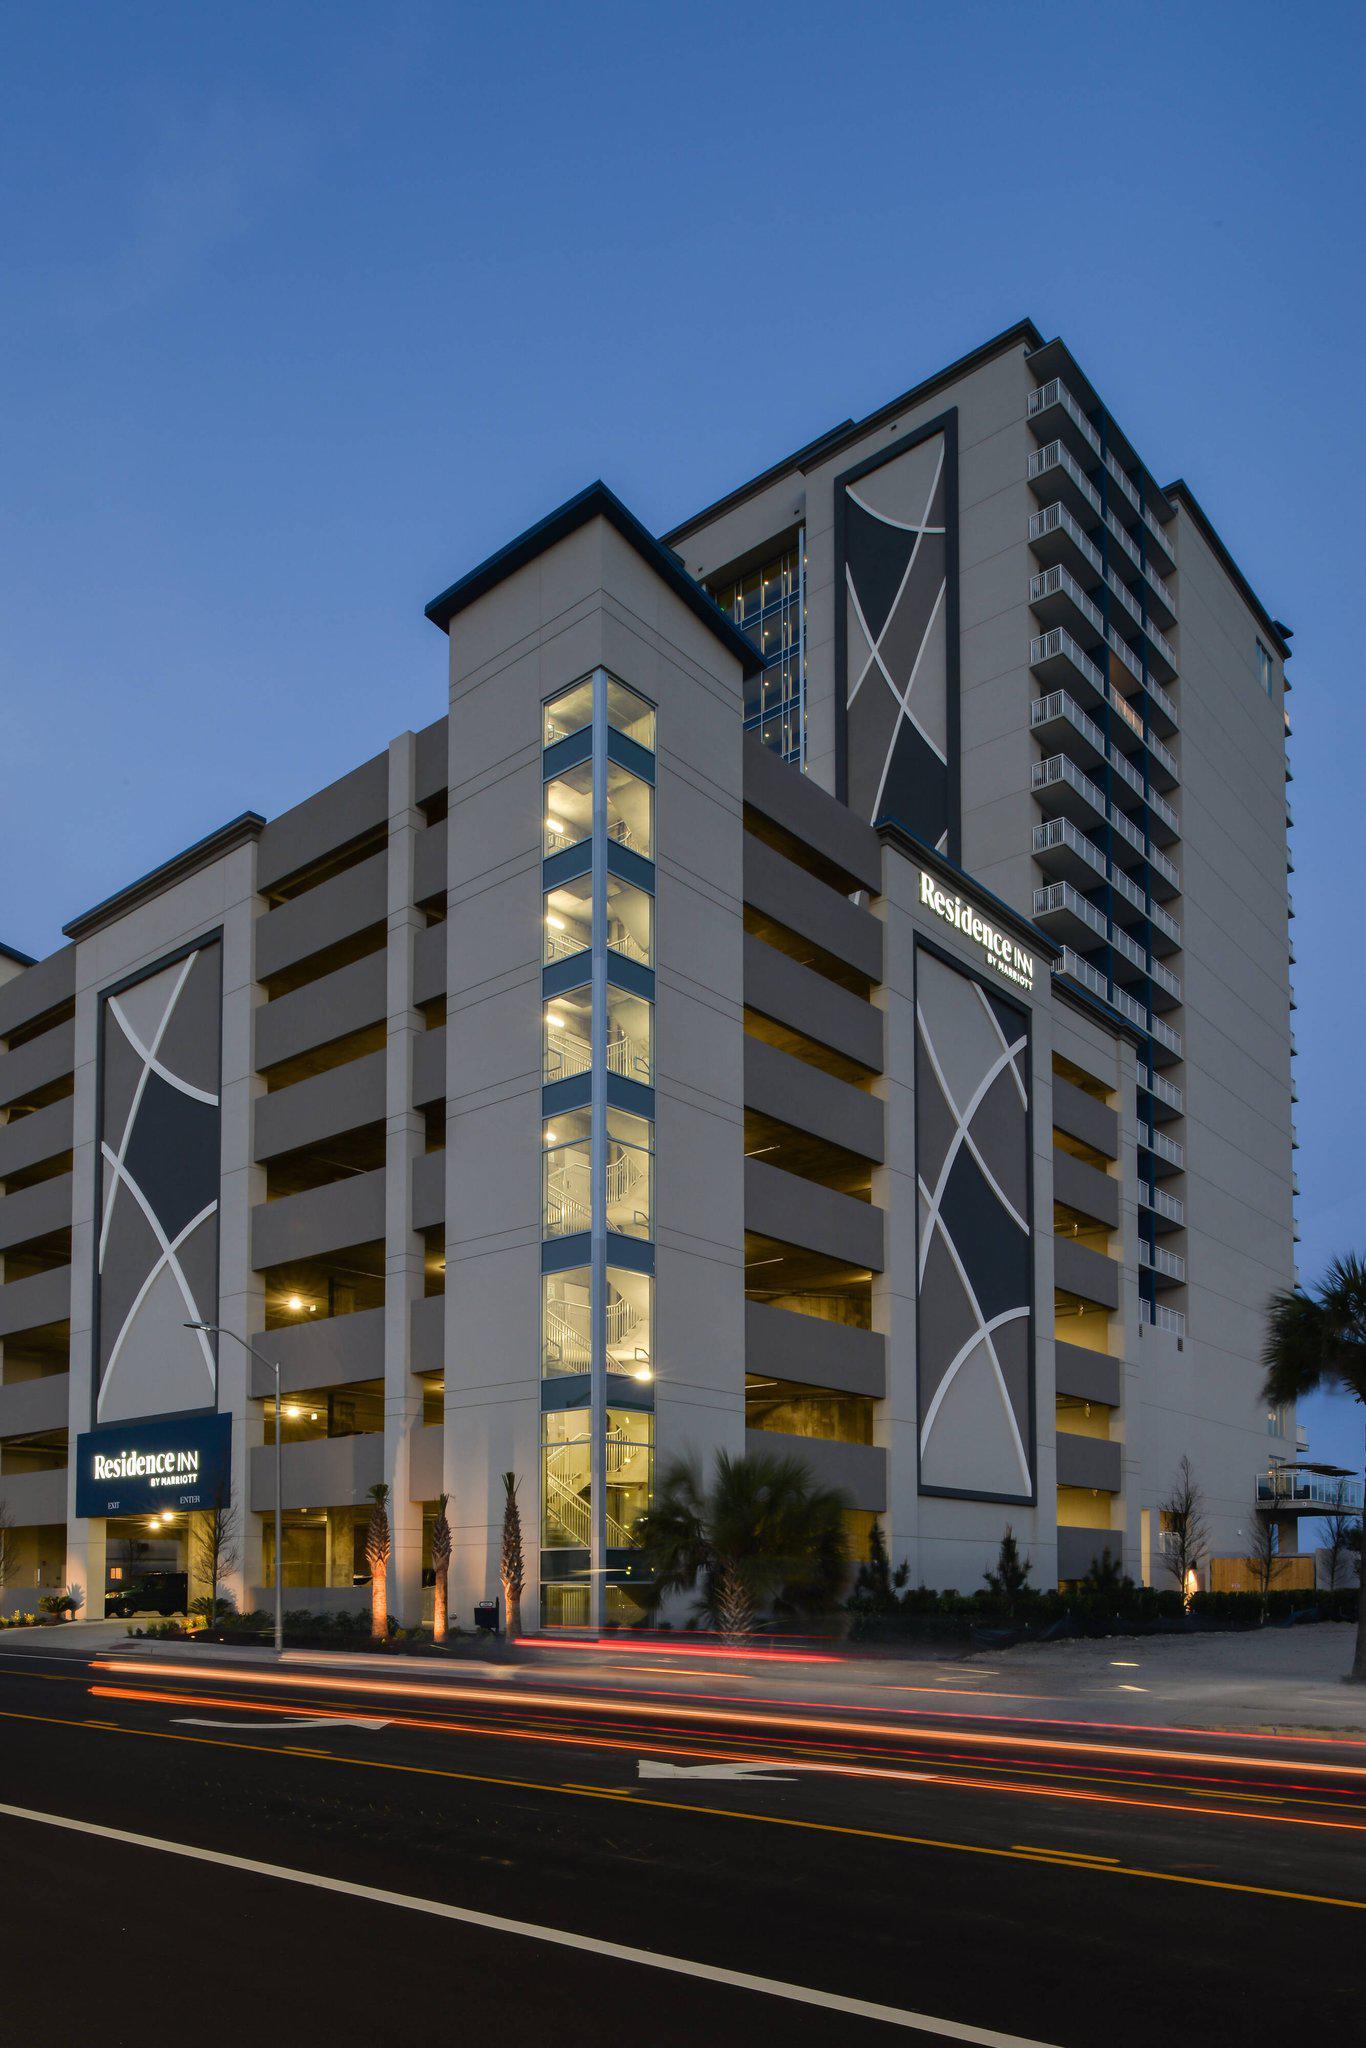 Residence Inn by Marriott Myrtle Beach Oceanfront